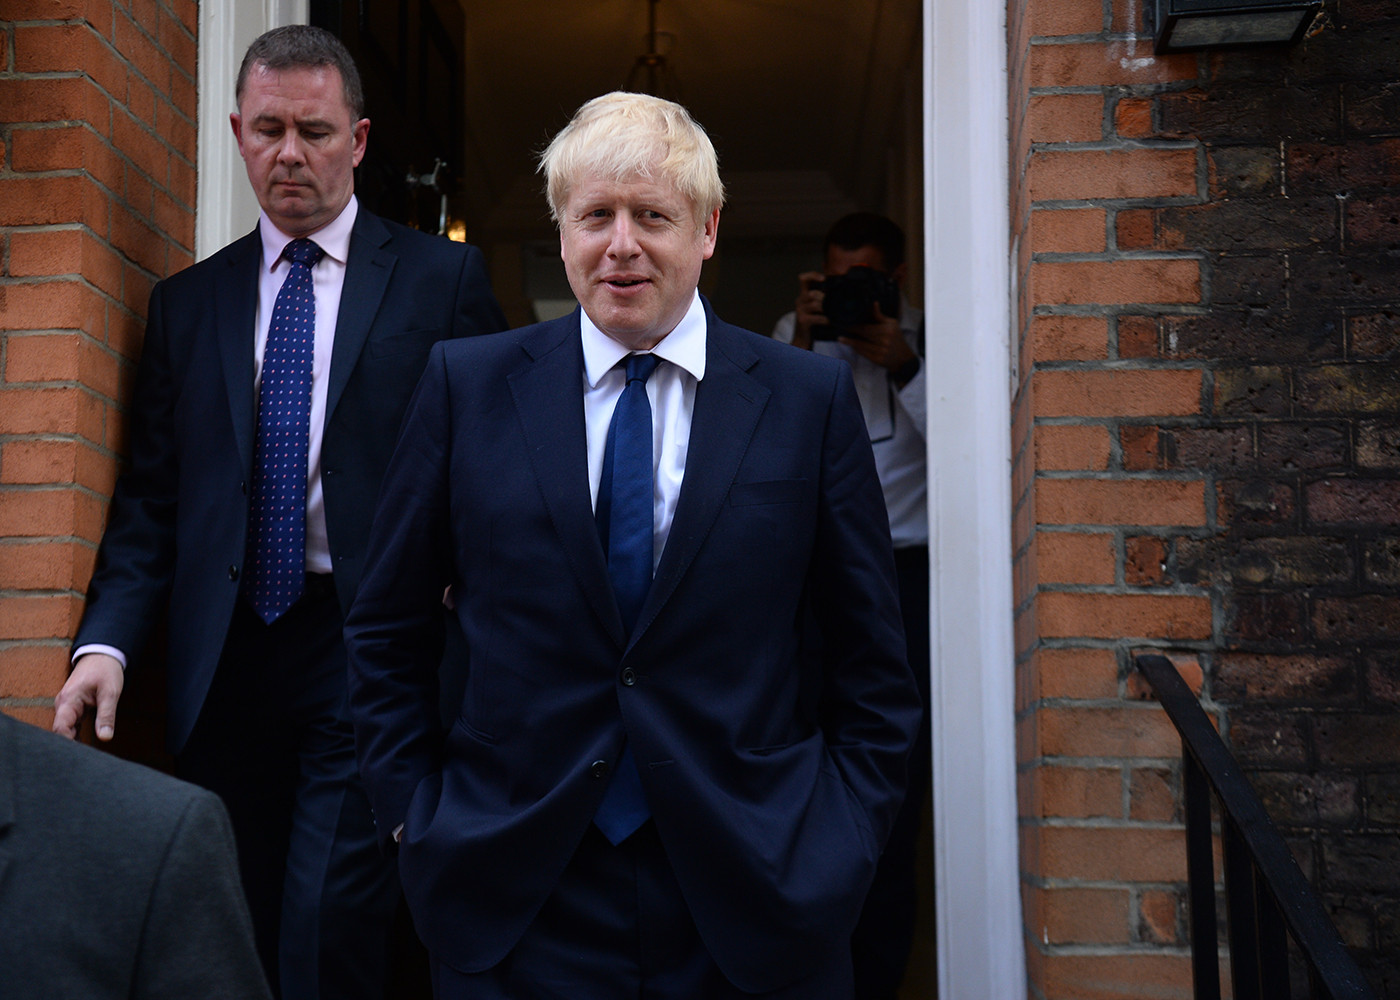 Großbritannien: Boris Johnson wird neuer Premierminister